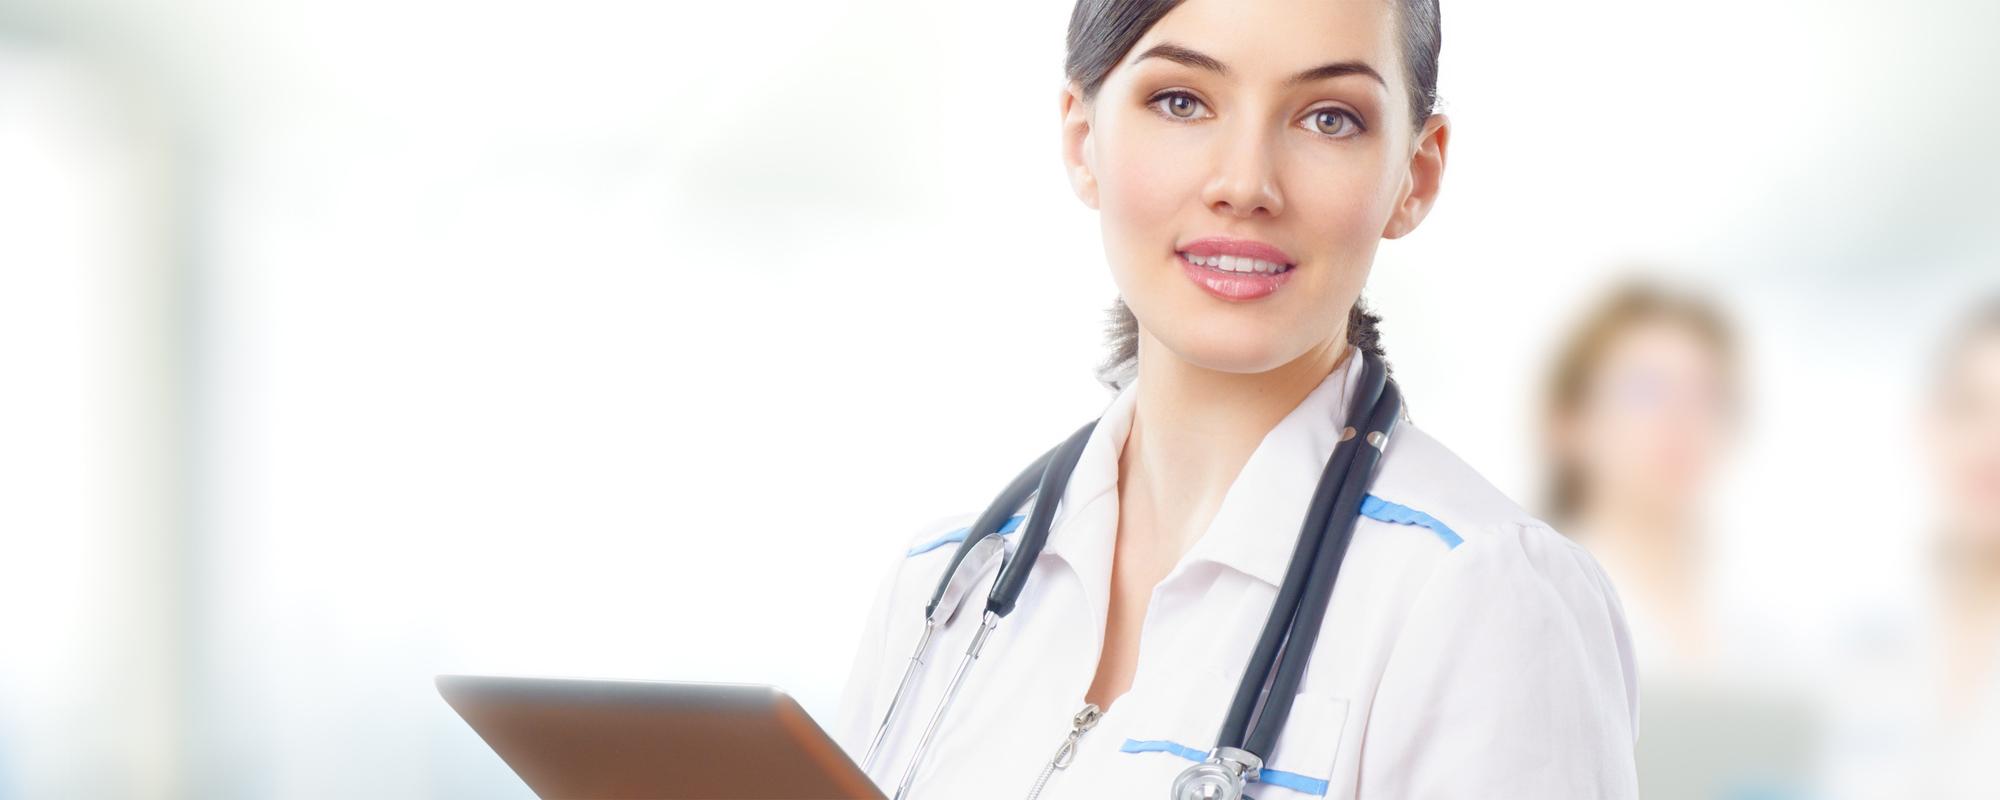 <span>Welkom op de agendawebsite van</span> Dr. Jan Achten<br/>Dr. Ingrid Boonen<br/>Dr. Marianne Achten